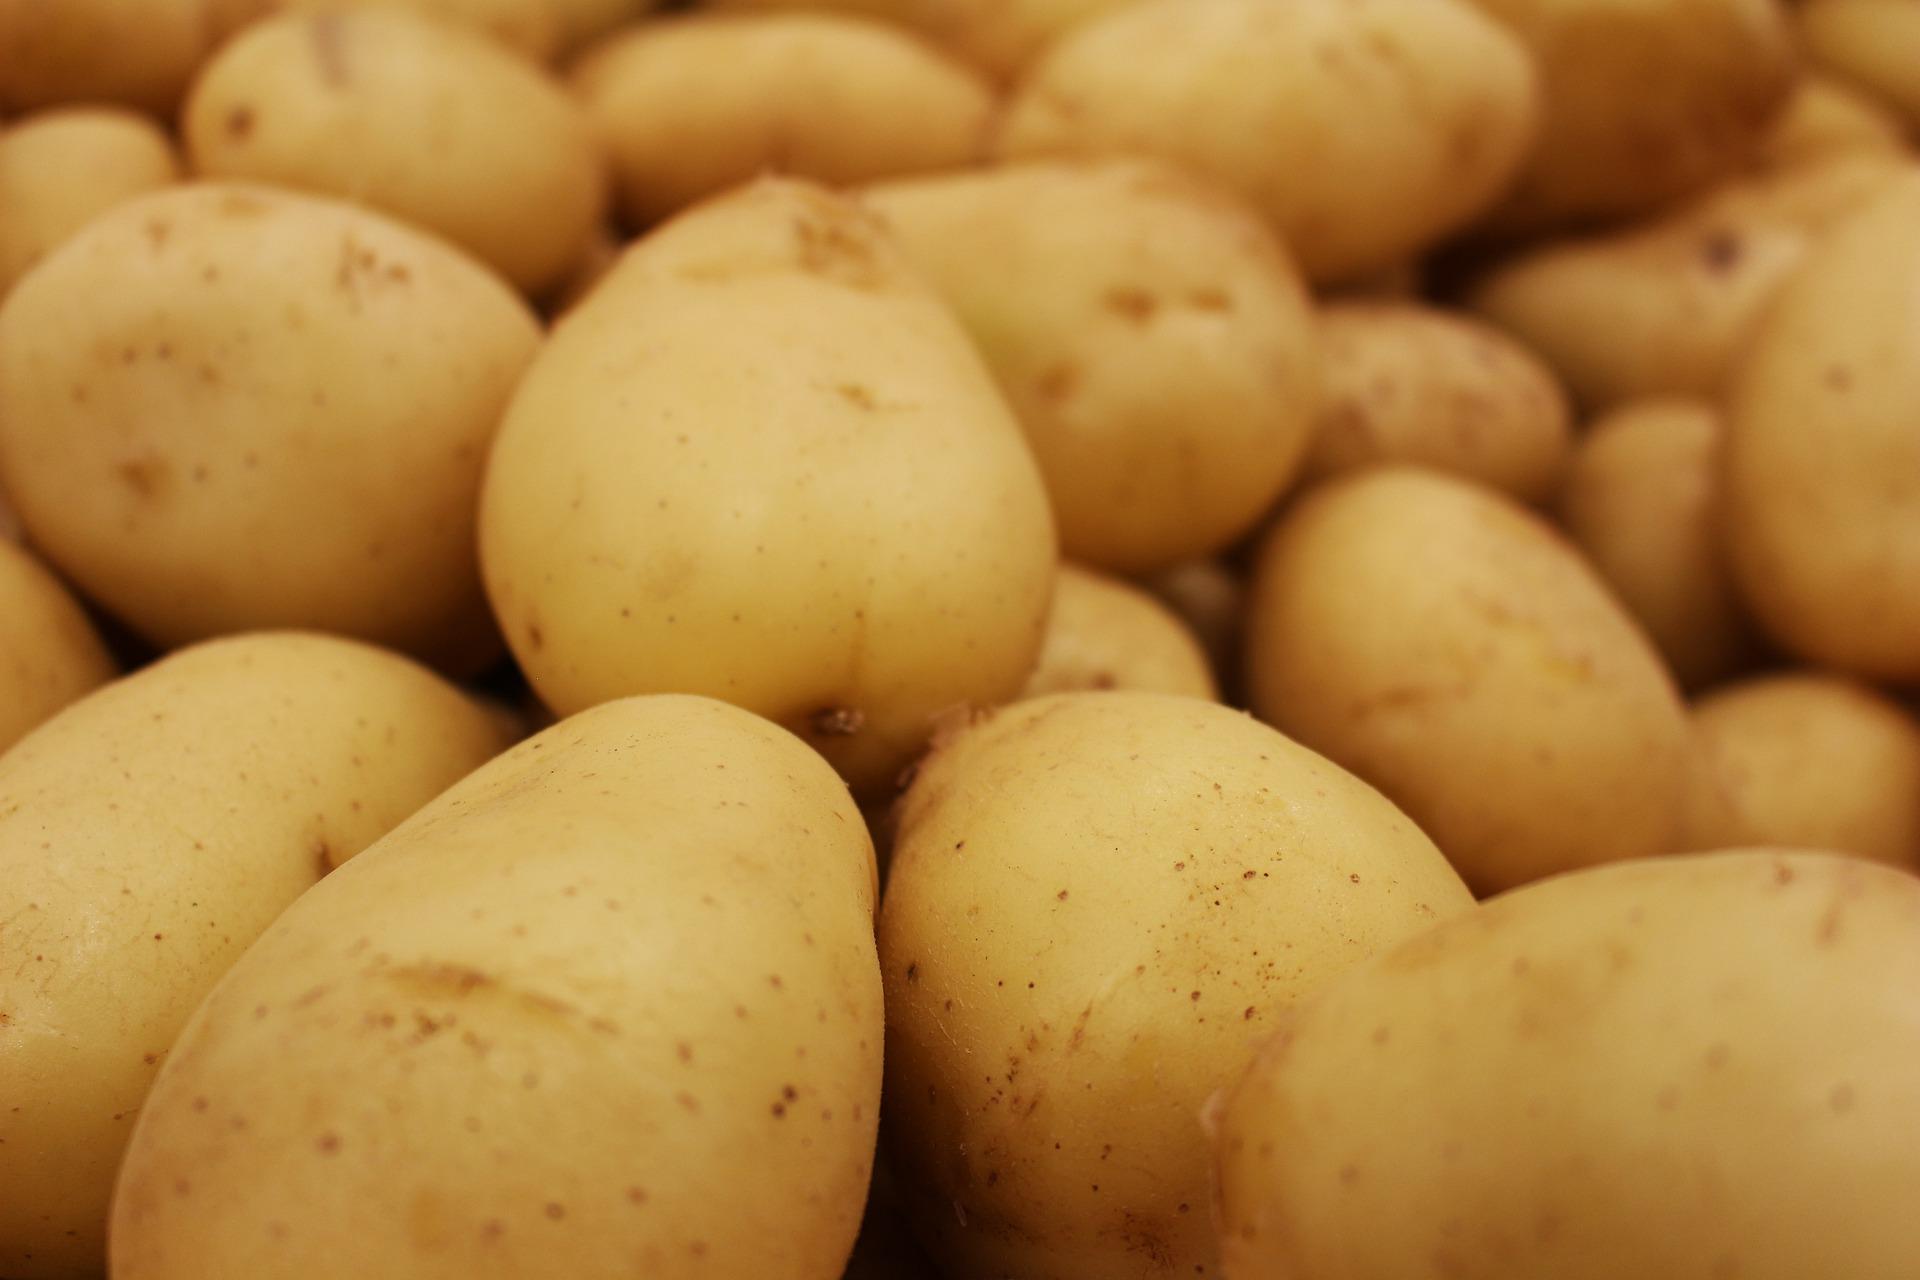 «Новус», «Мегамаркет» та «Фоззі груп» планують переходити на продаж лише митої картоплі